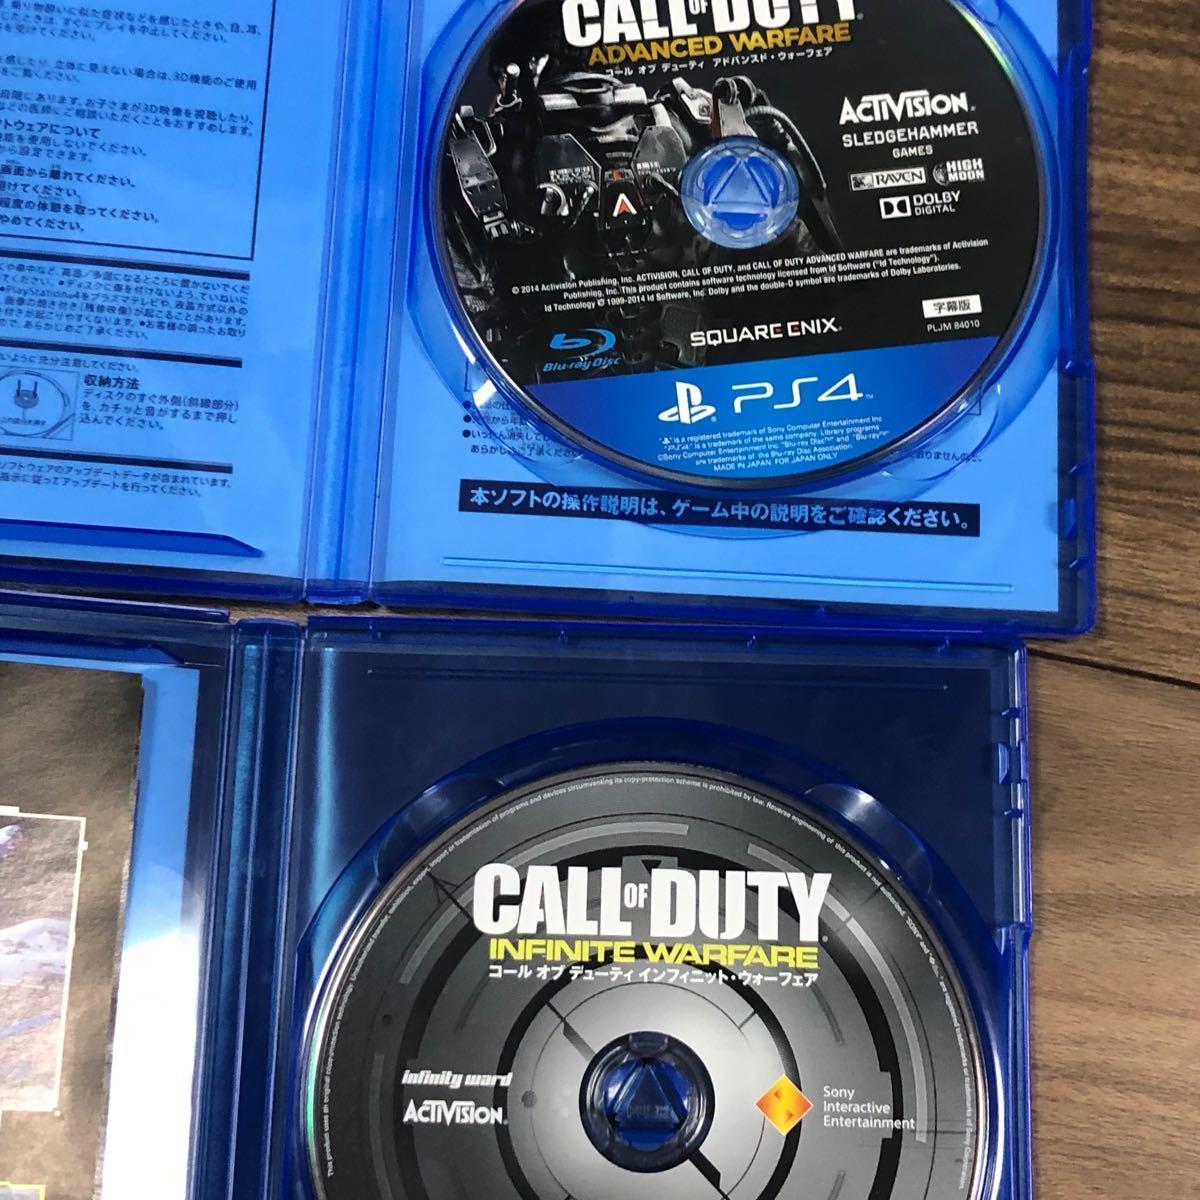 【PS4】コール オブデューティインフィニット・ウォーフェア WW2 ブラックオプス 4 アドバンスドウォーフェア 4本セット